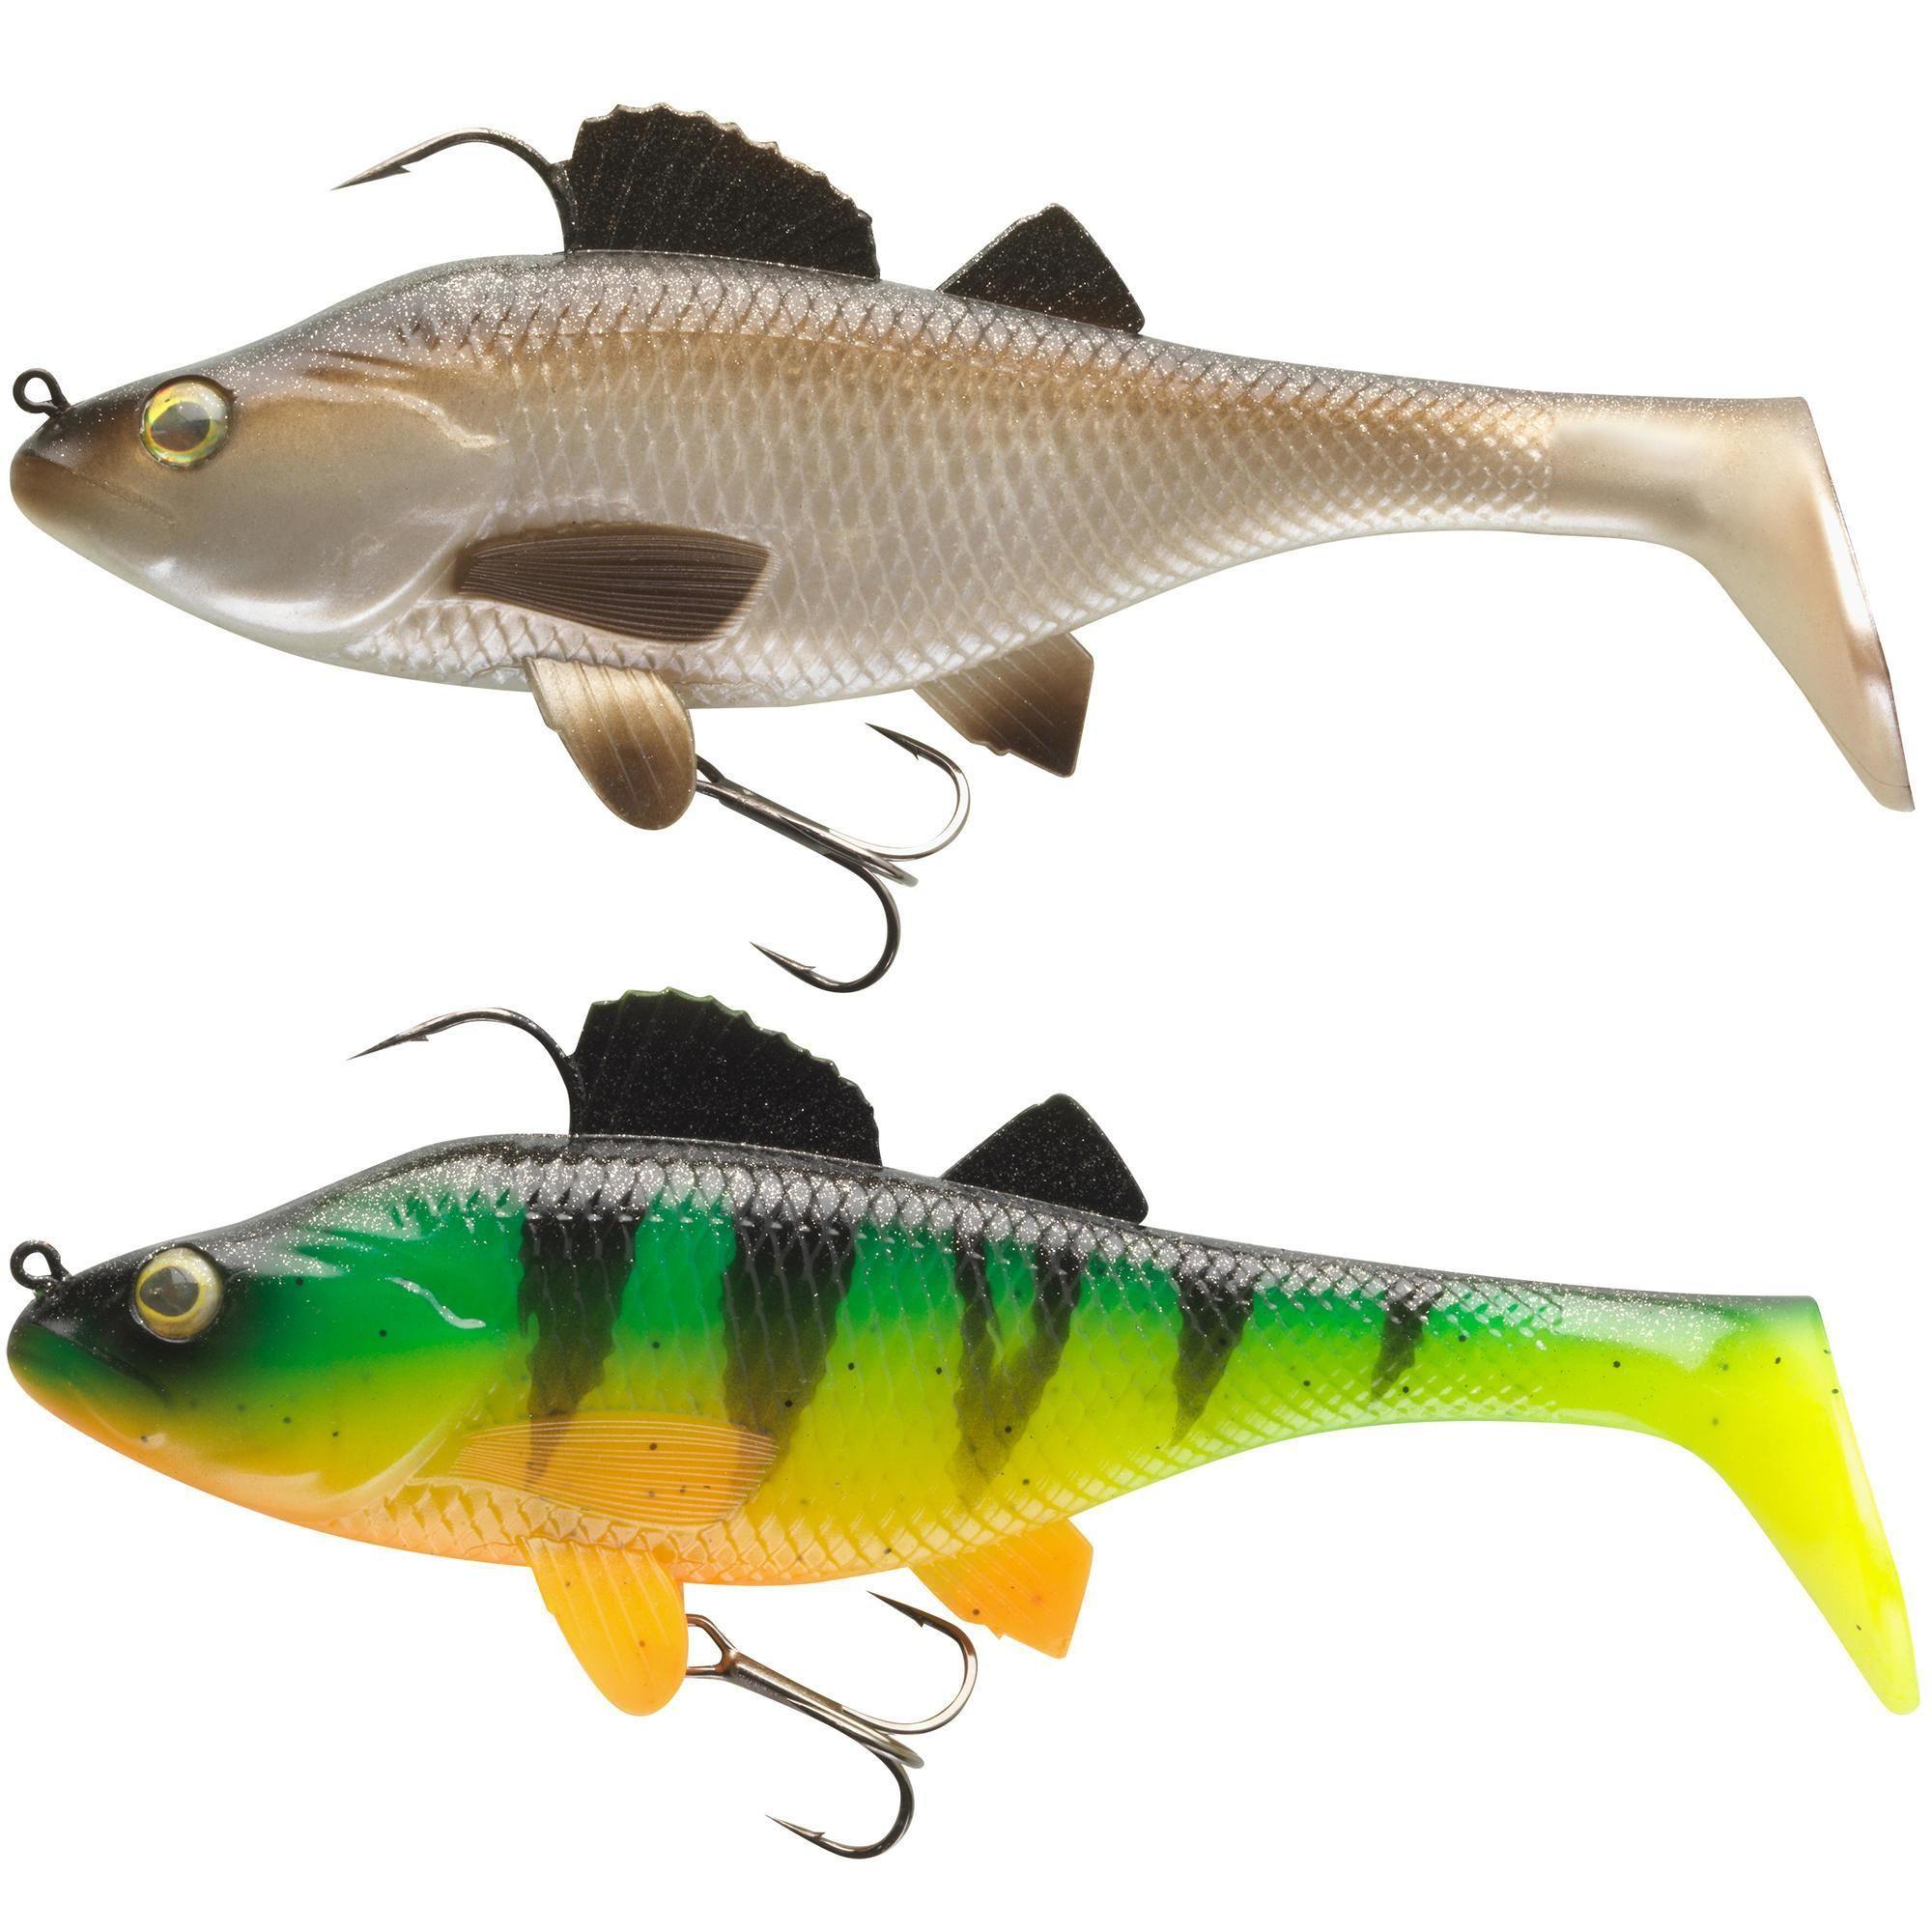 Caperlan - Hengelsport - Softbaits - Softbait shad voor kunstaasvissen Set Perch RTC 170 baars. Onze ontwerpers, zelf fervente hengelaars, hebben deze shad ontwikkeld voor het kunstaasvissen in zoet water, vooral met het oog op snoek.